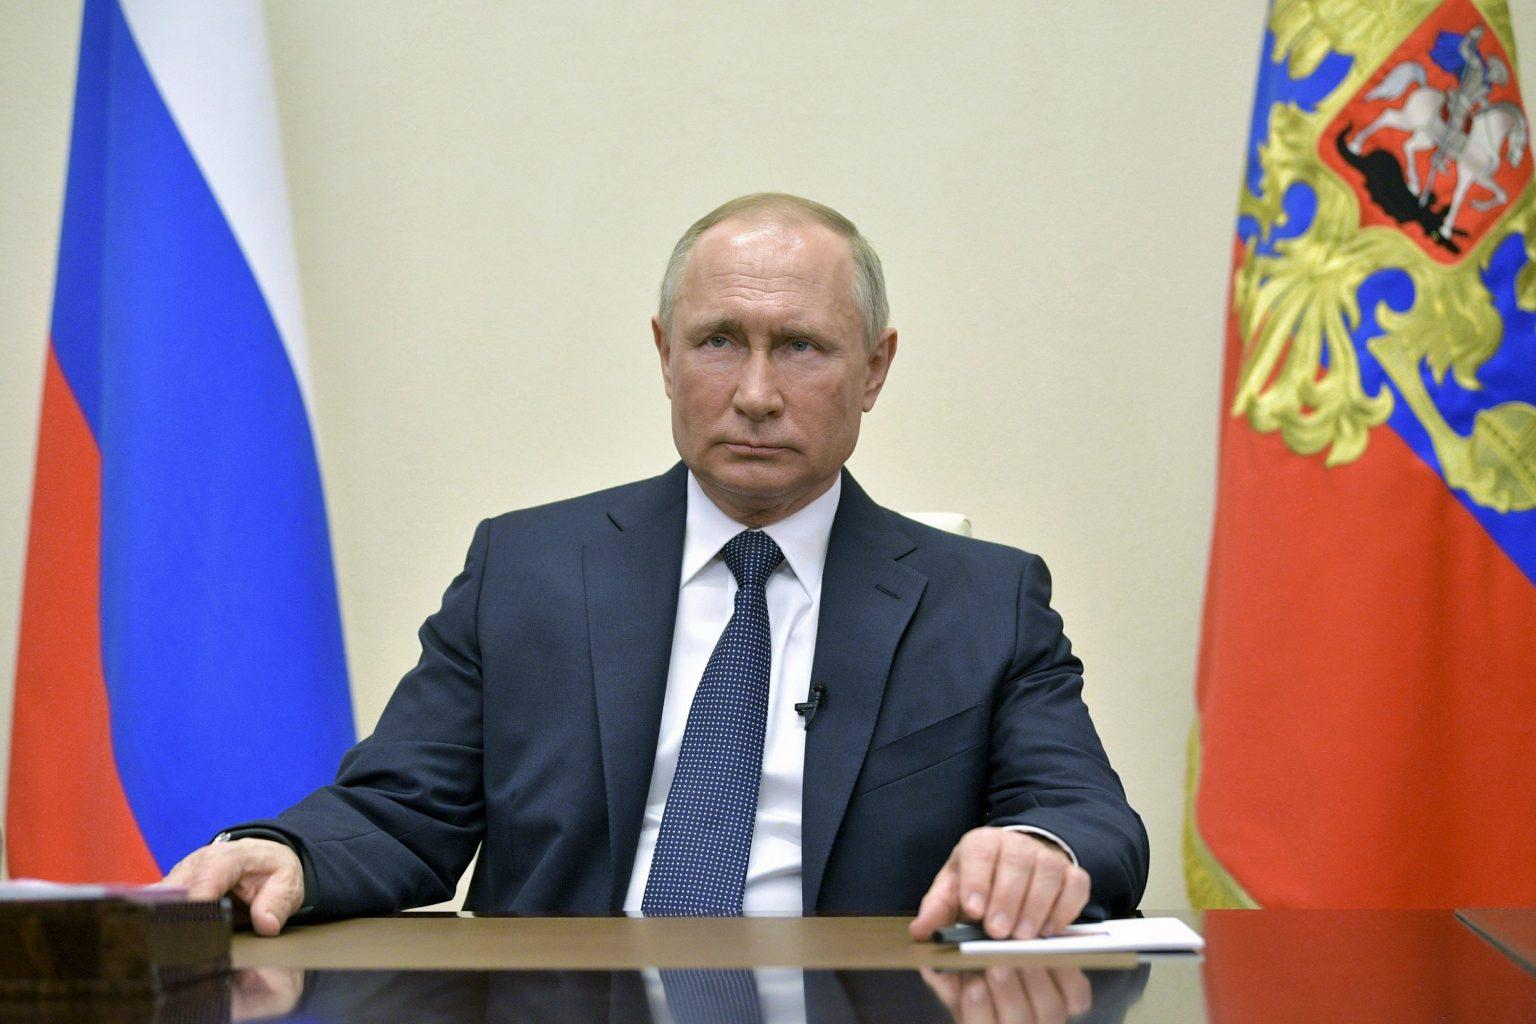 Putin jep lajmin e madh: Për pak ditë Rusia do të prodhojë vaksinën kundër koronavirusit